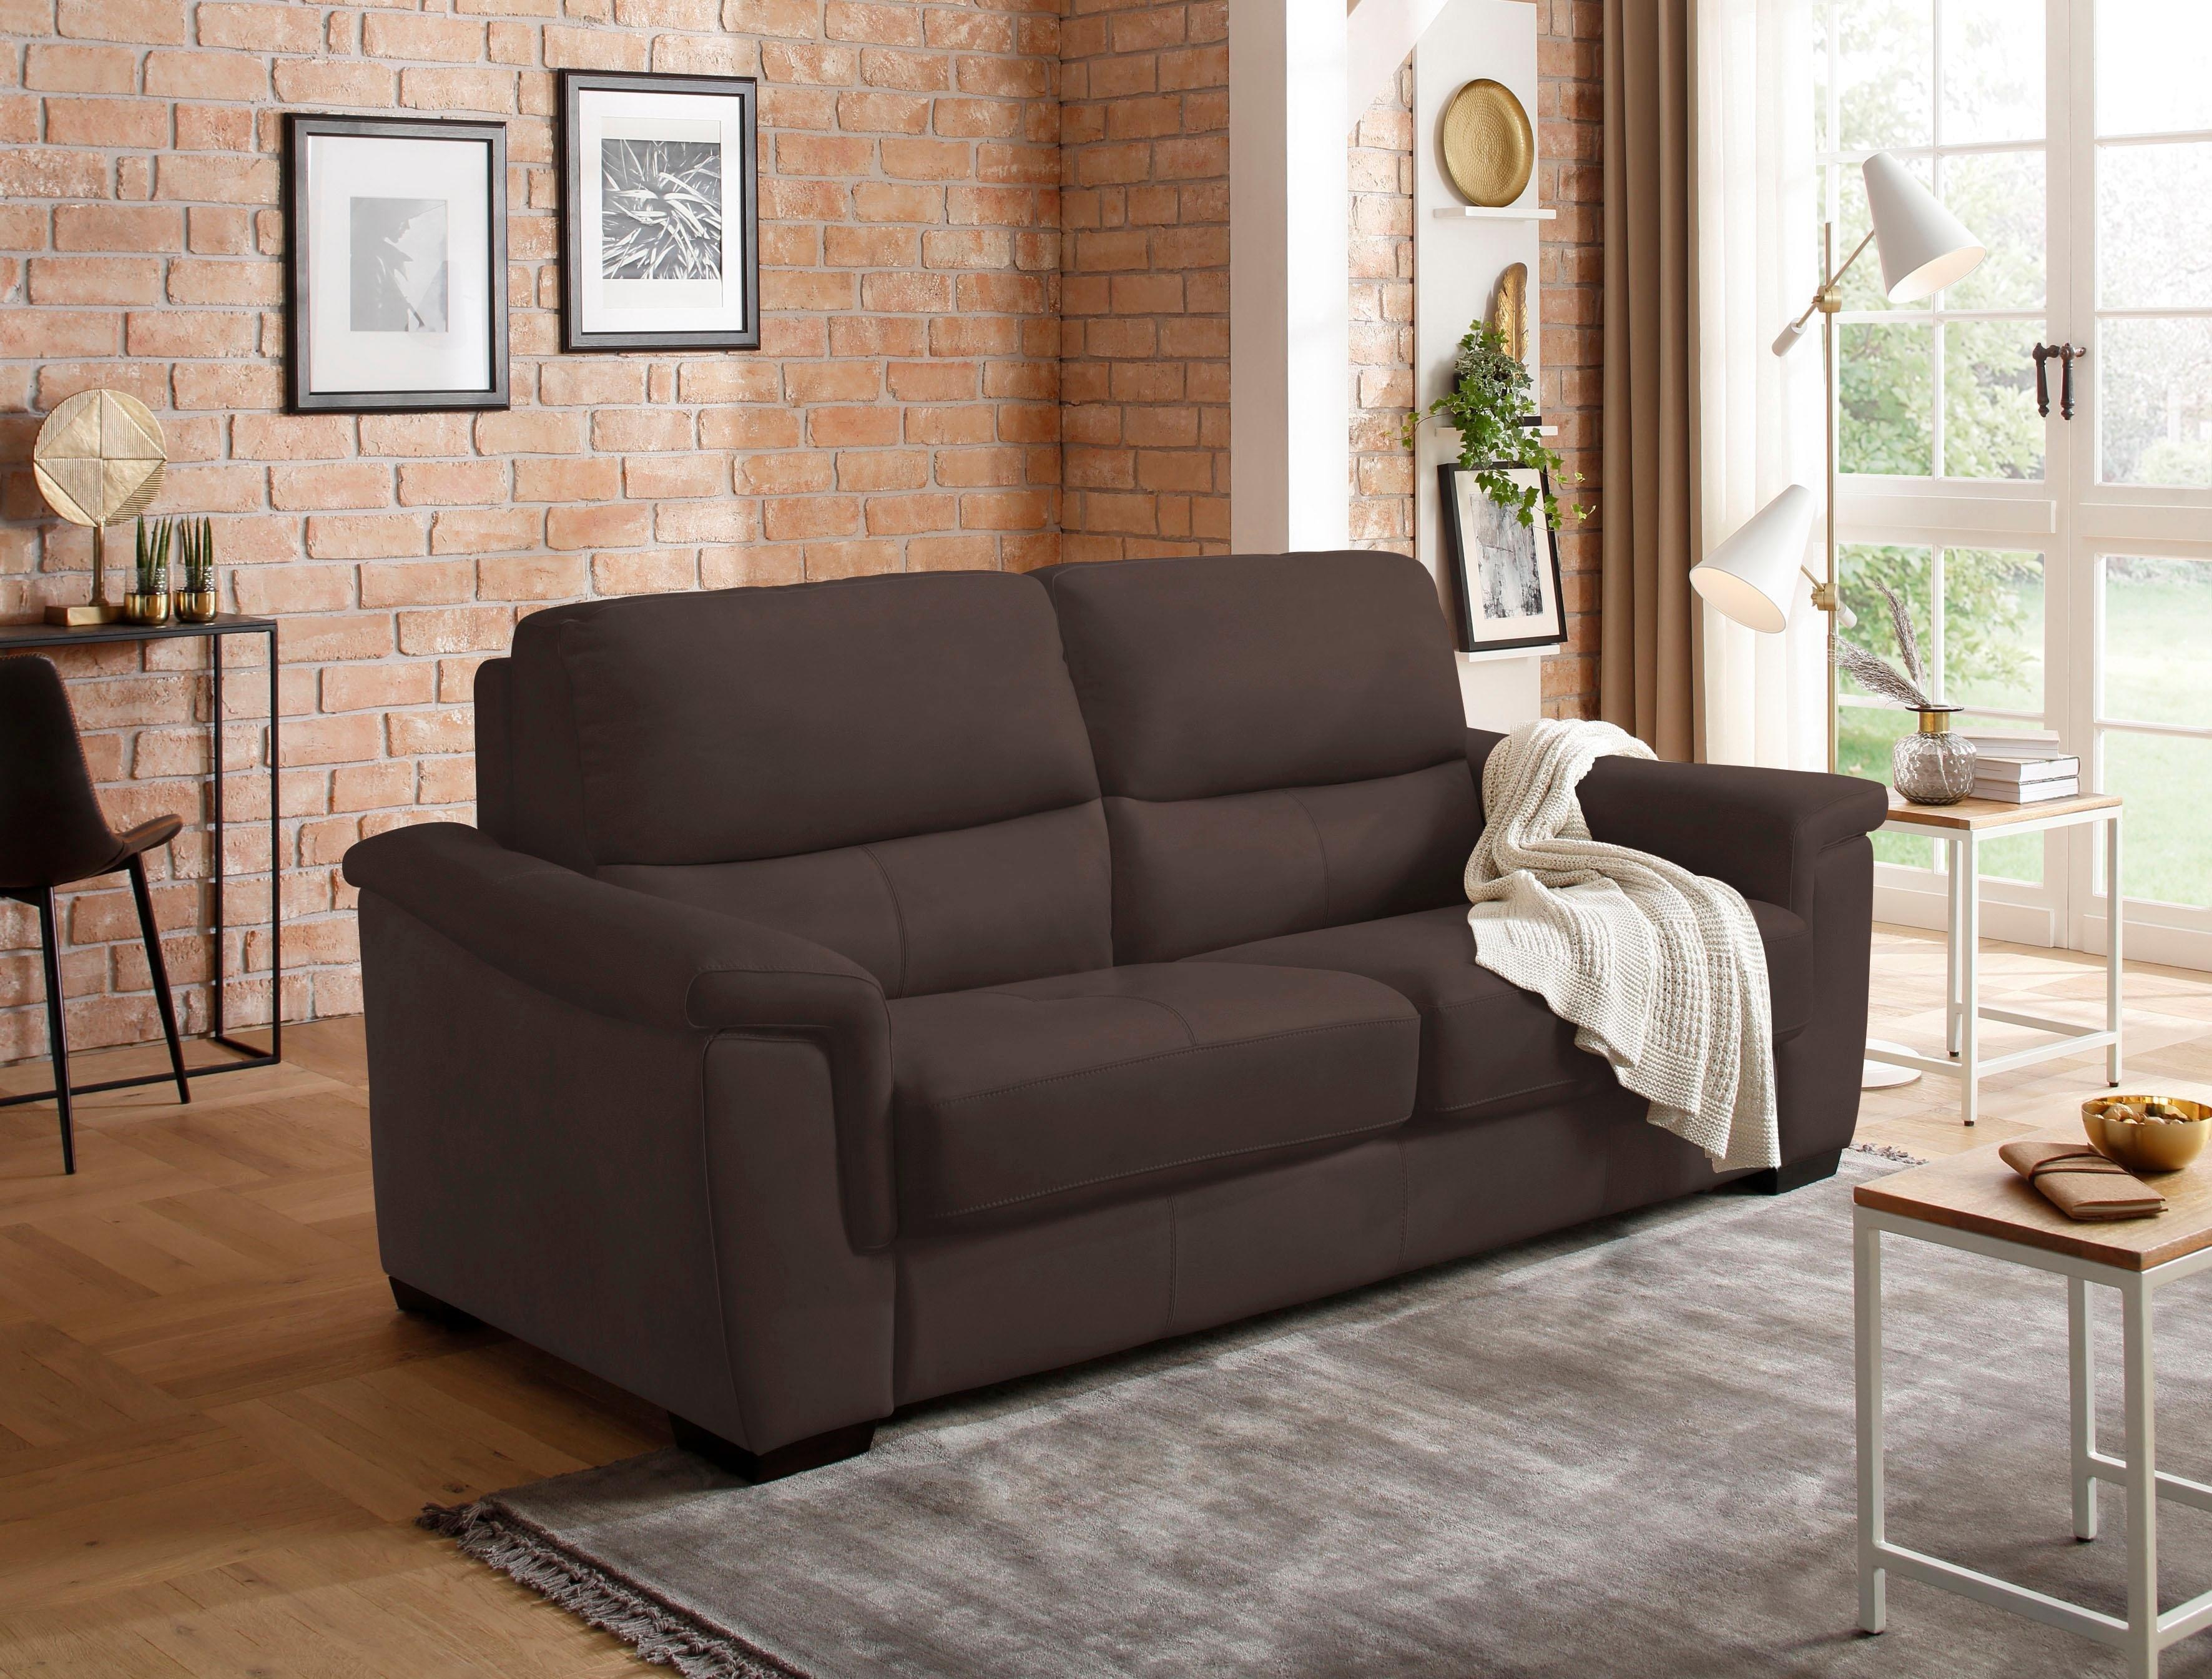 Premium collection by Home affaire bedbank Amrum in twee referentiekwaliteiten online kopen op otto.nl